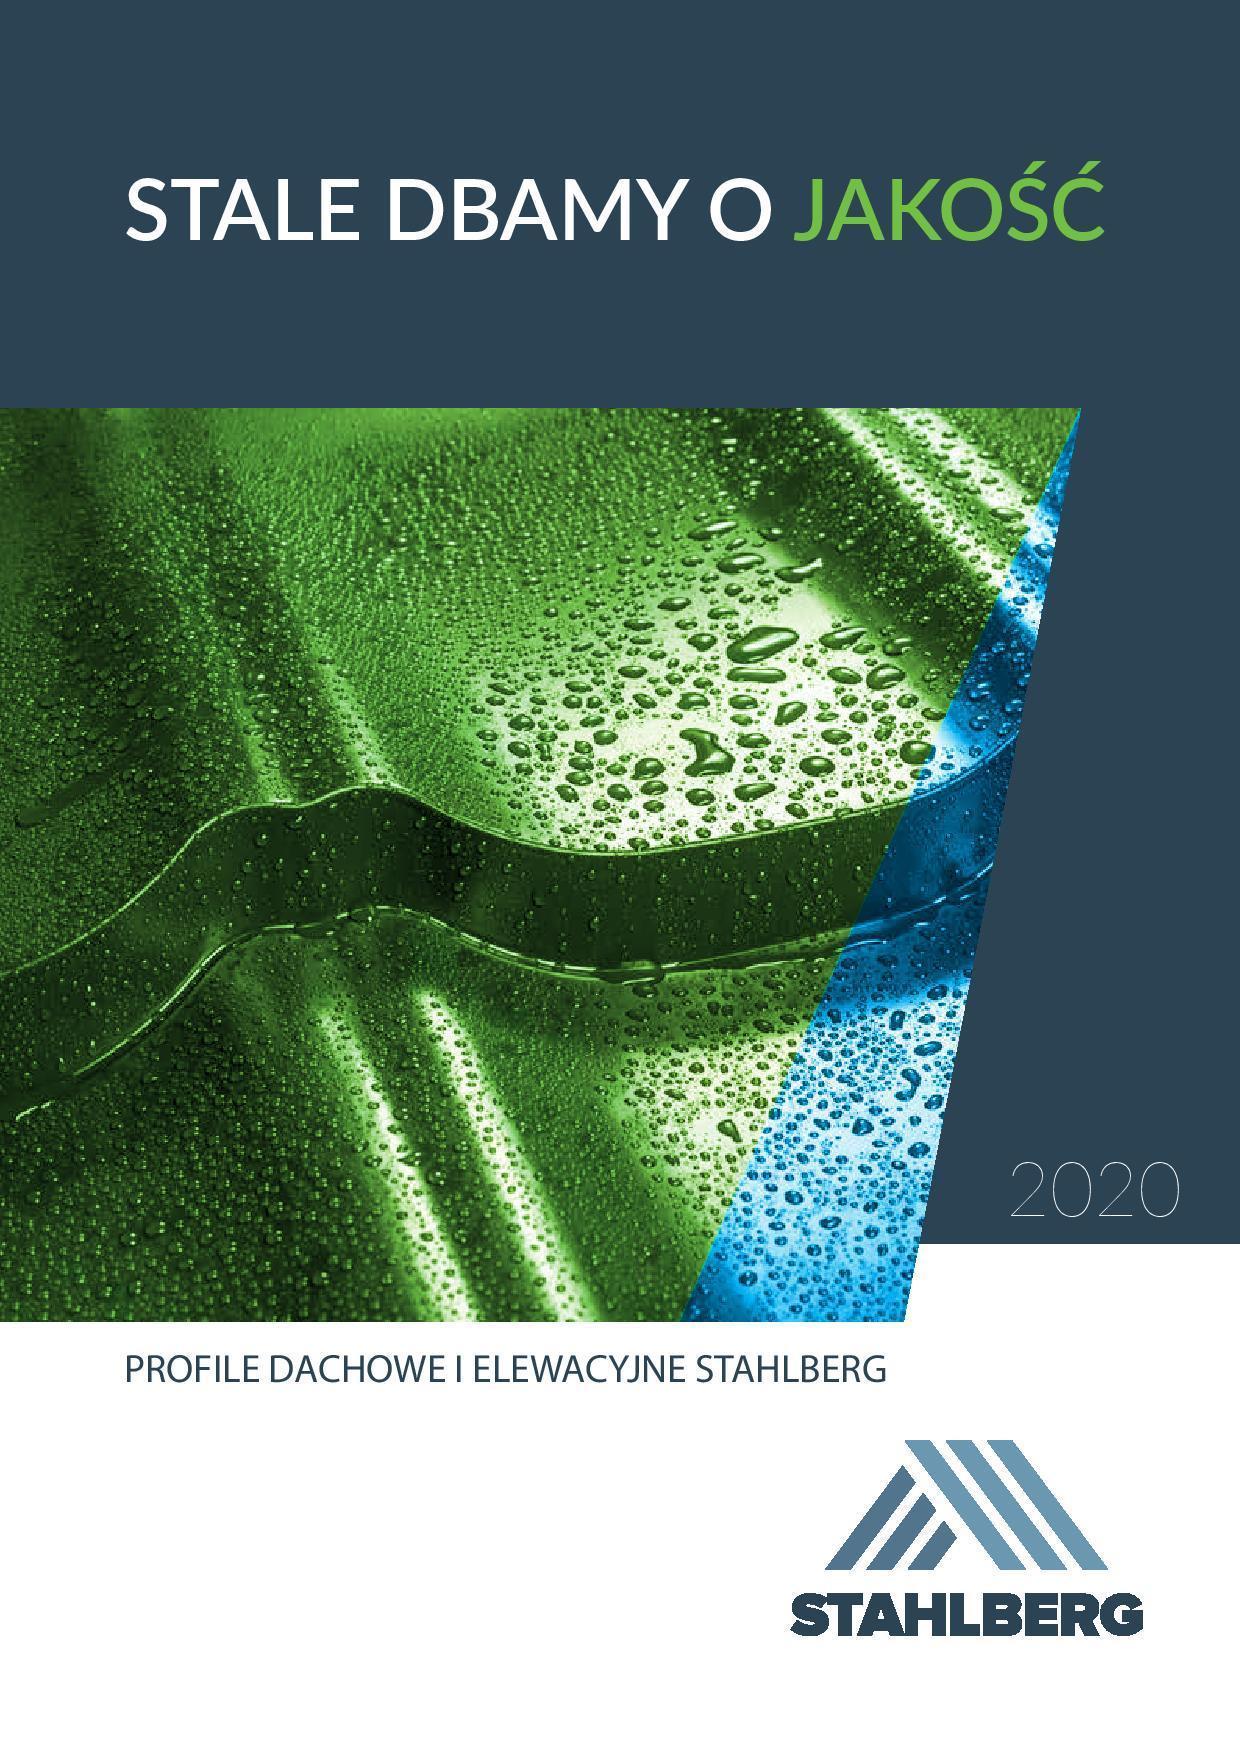 Stahlberg-katalog-20201-page-001